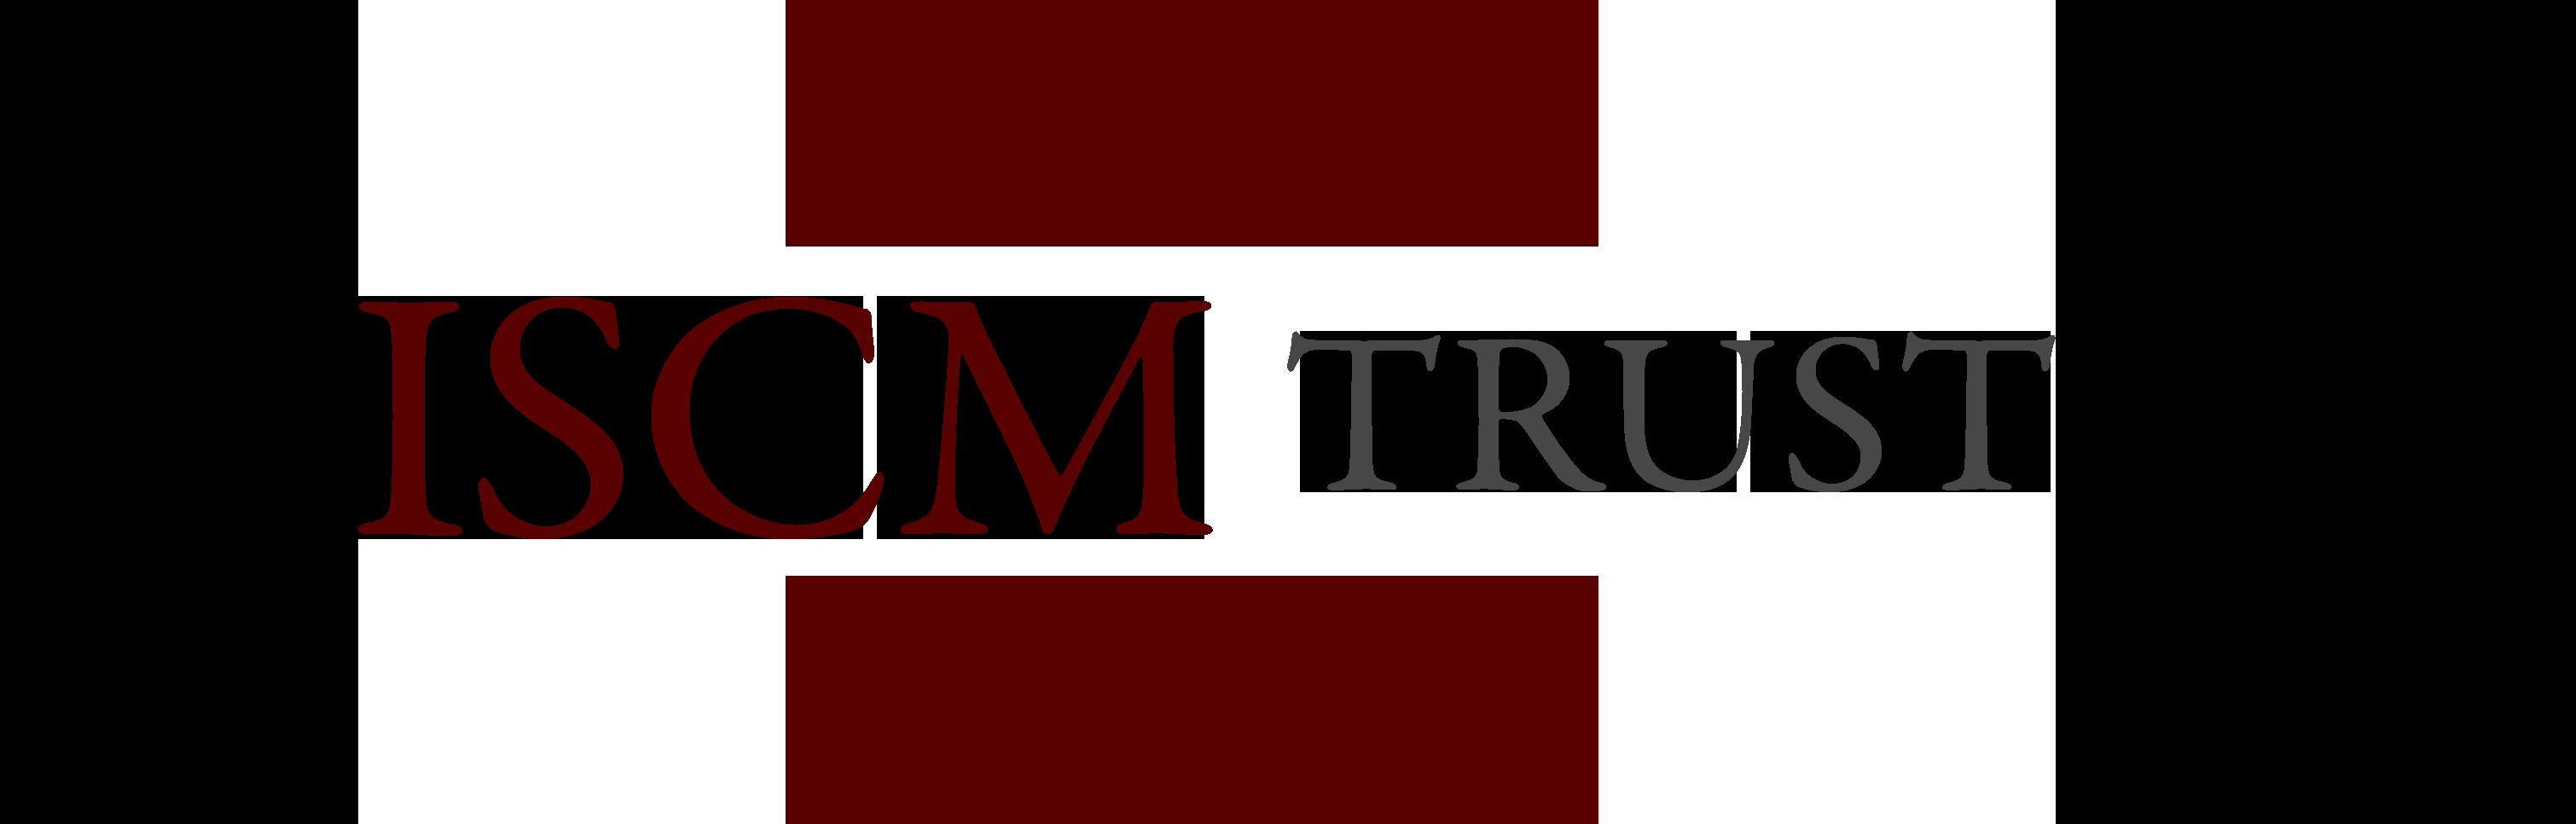 ISCM Trust